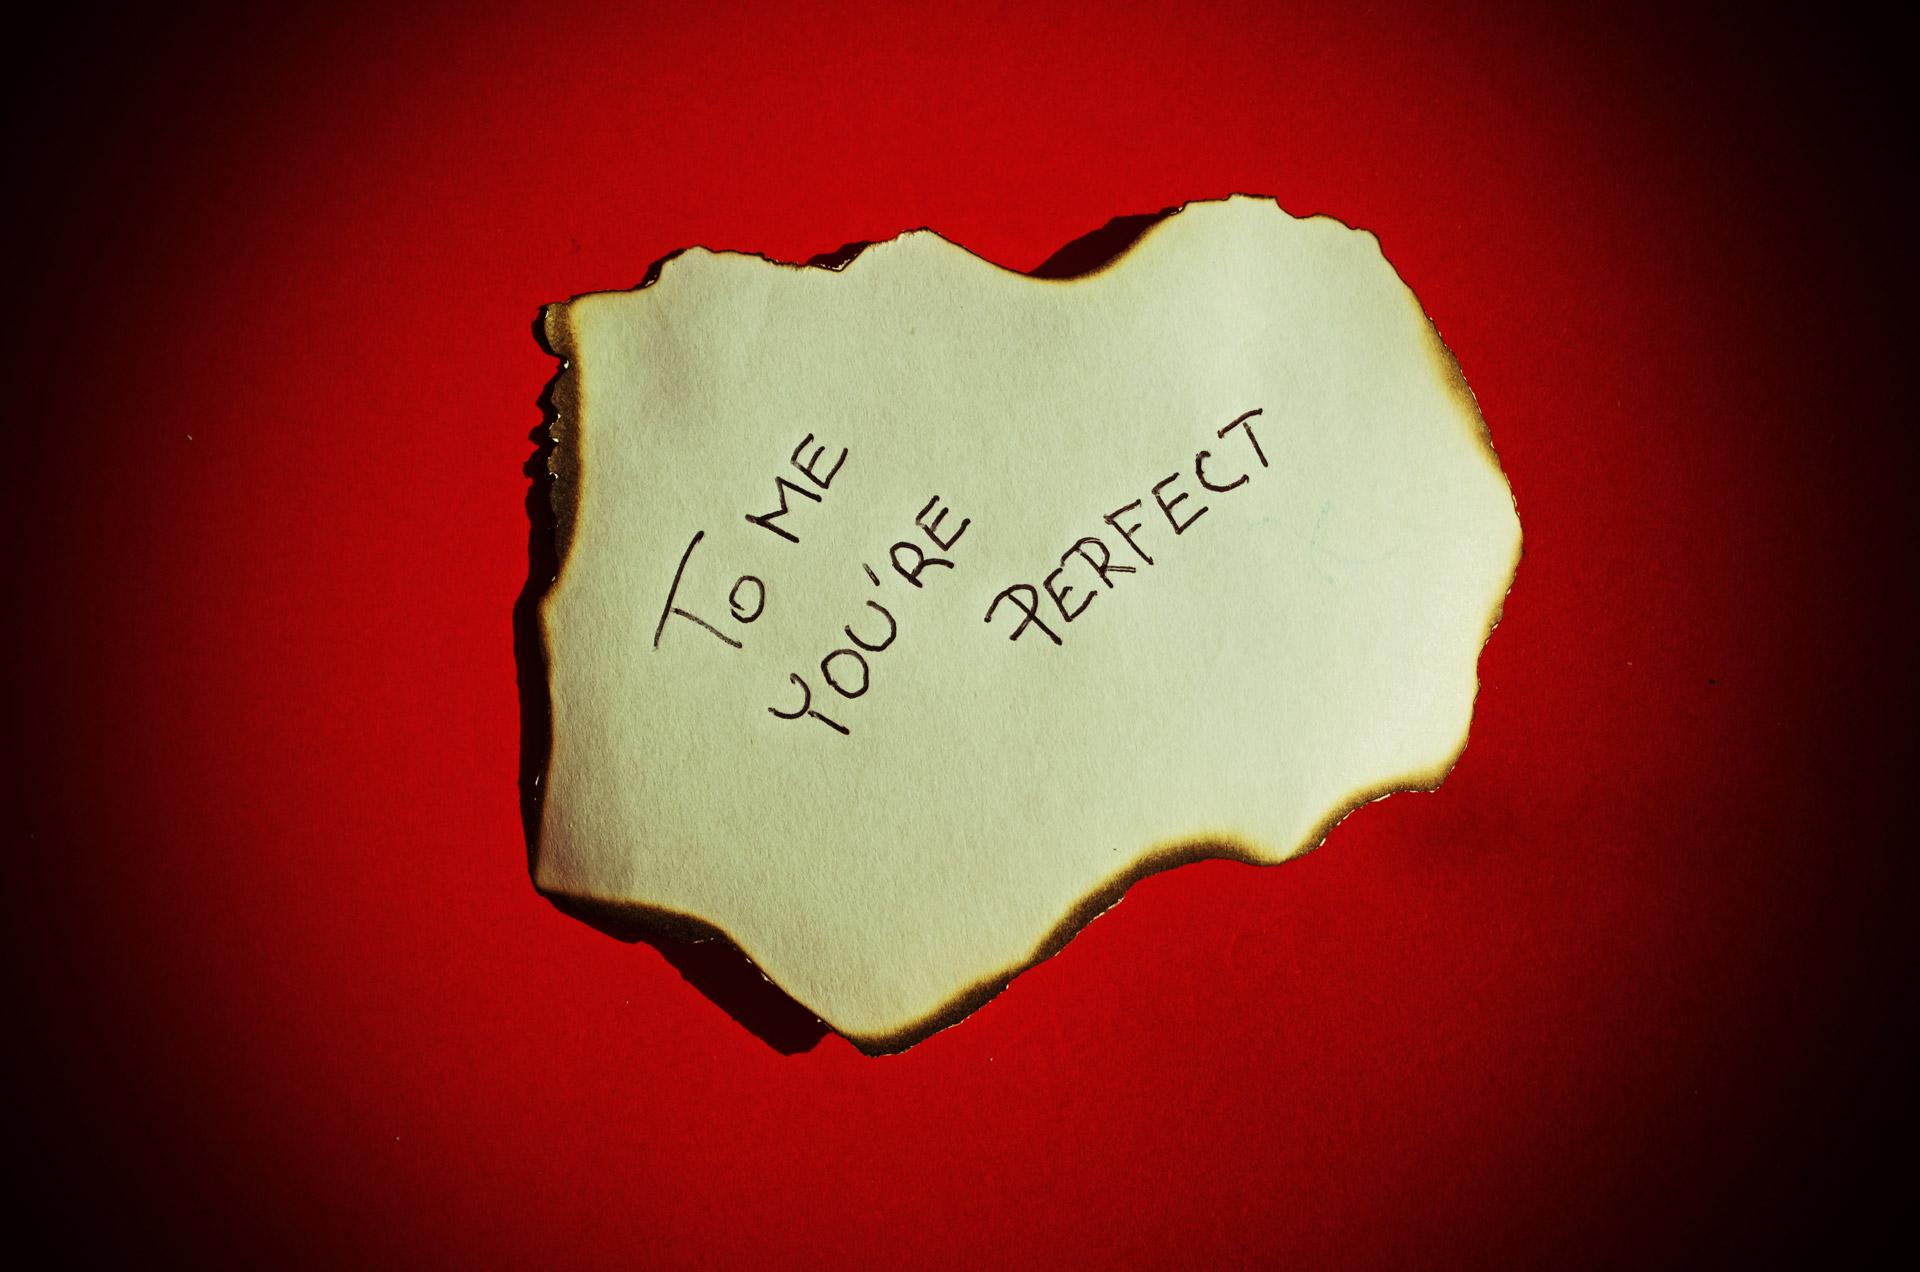 بالصور كلام حب رومانسي , اجمل اشعار قيلت فى الحب 4983 6